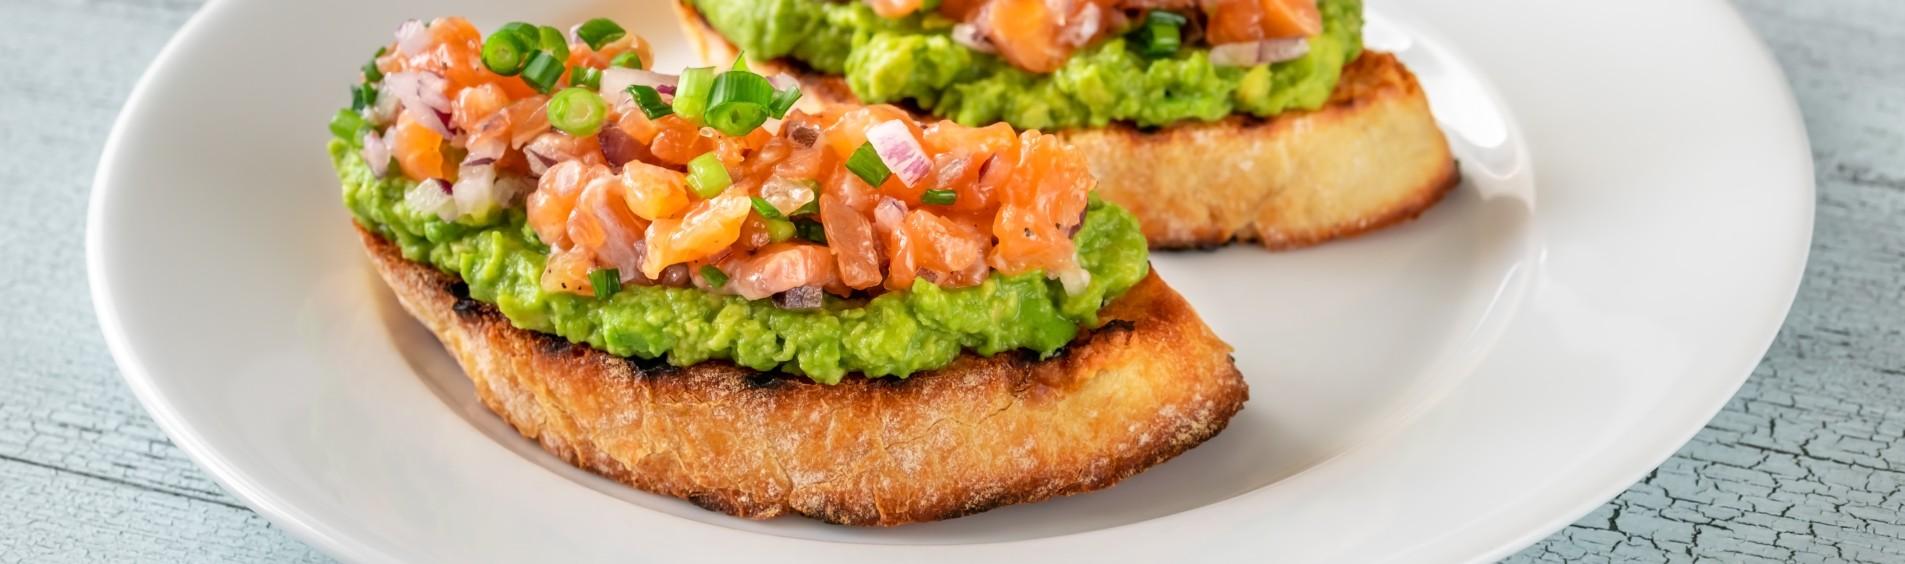 foto da receita Salmão com guacamole